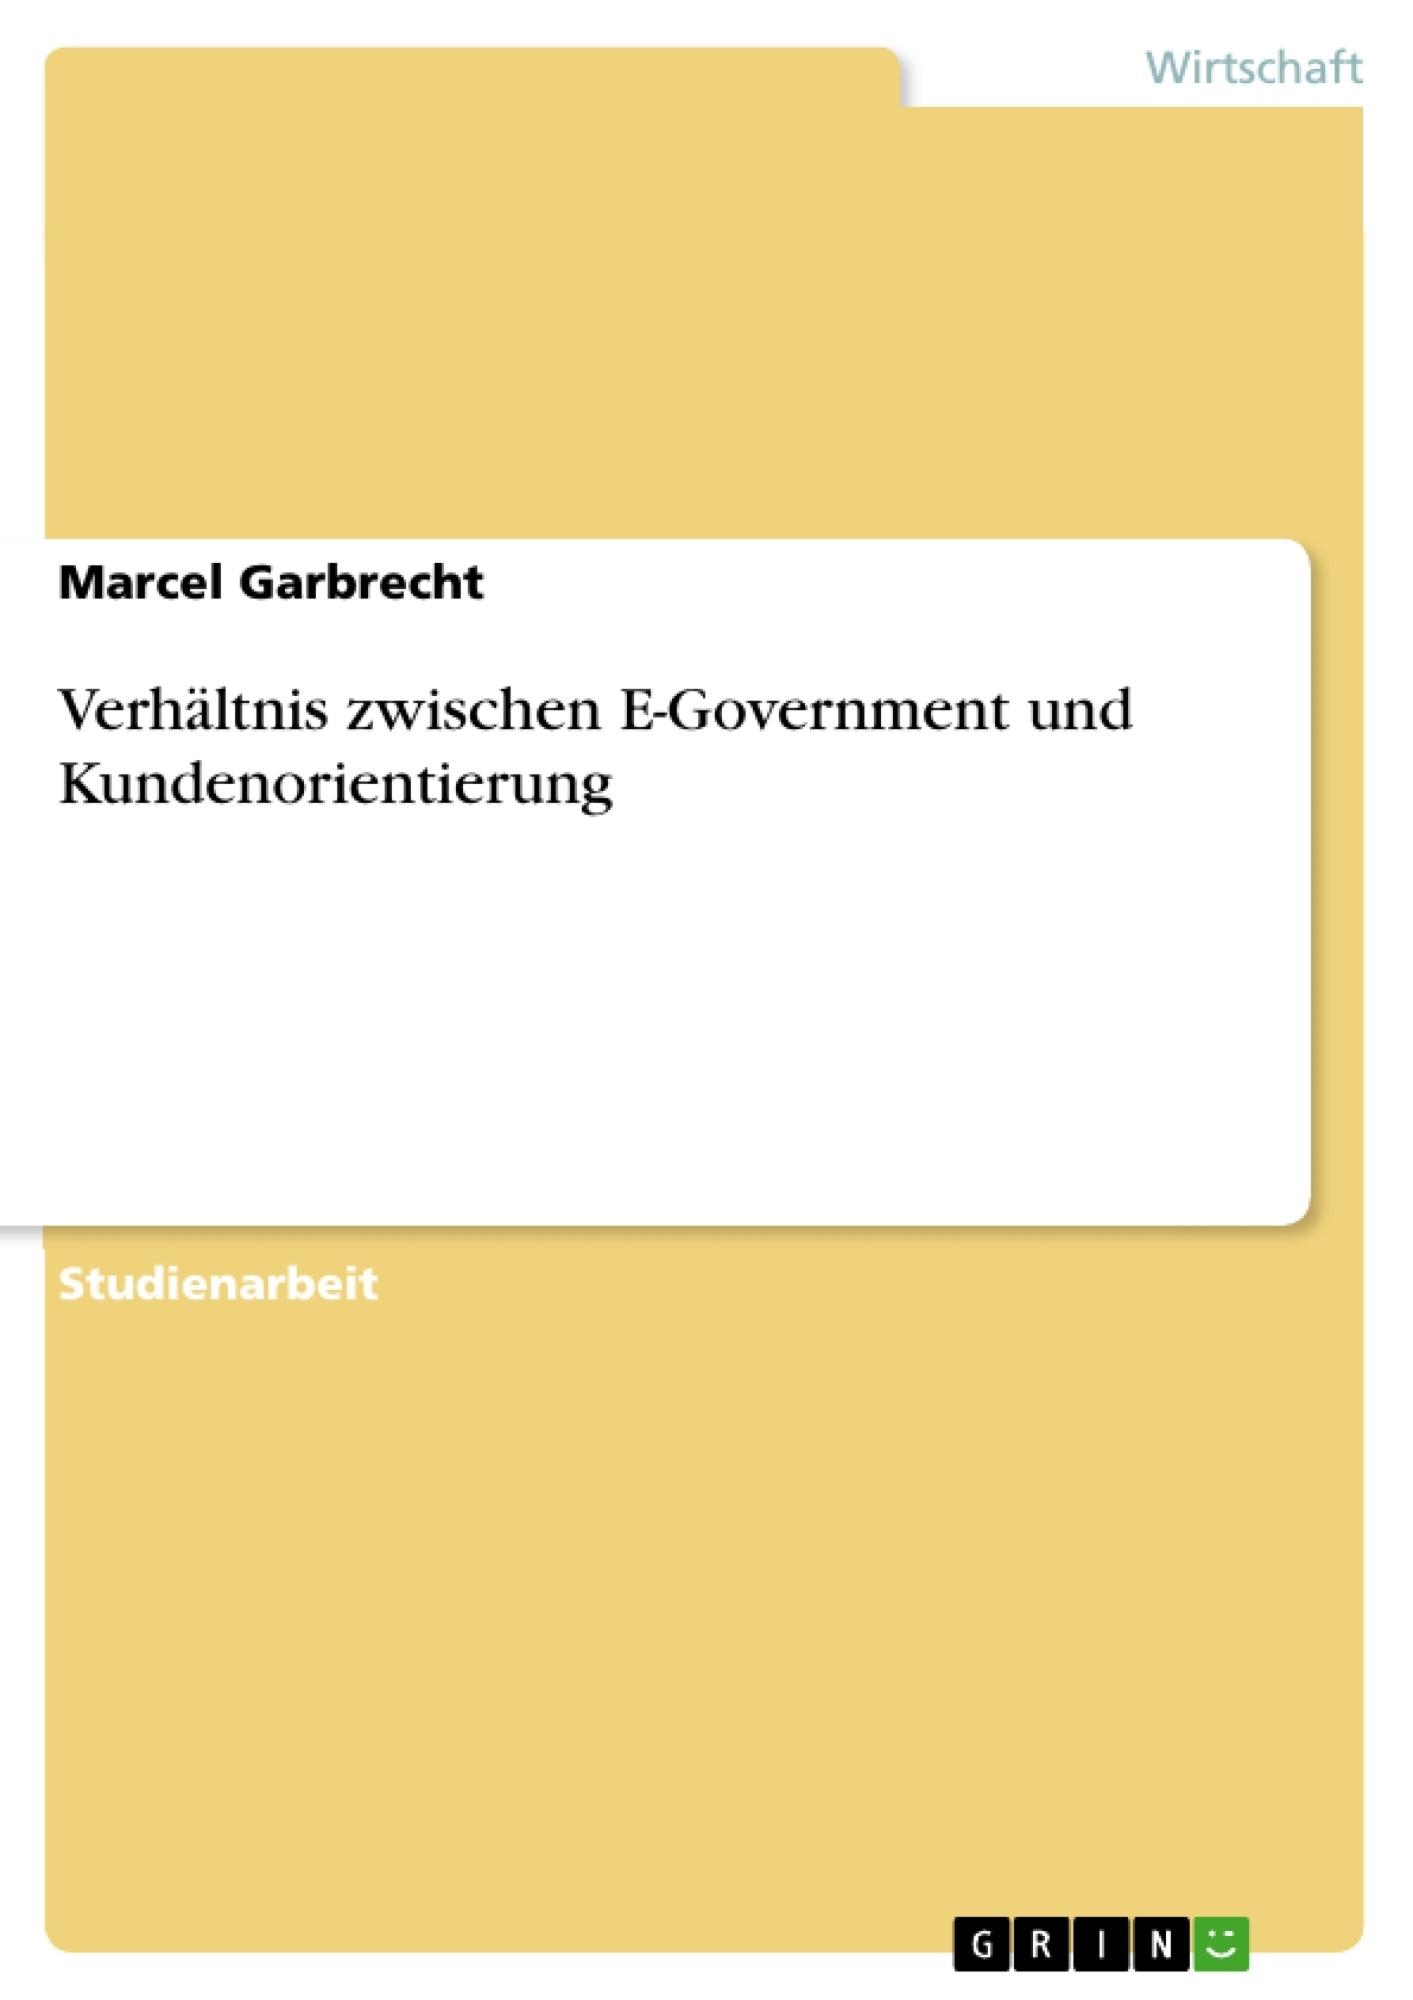 Titel: Verhältnis zwischen E-Government und Kundenorientierung